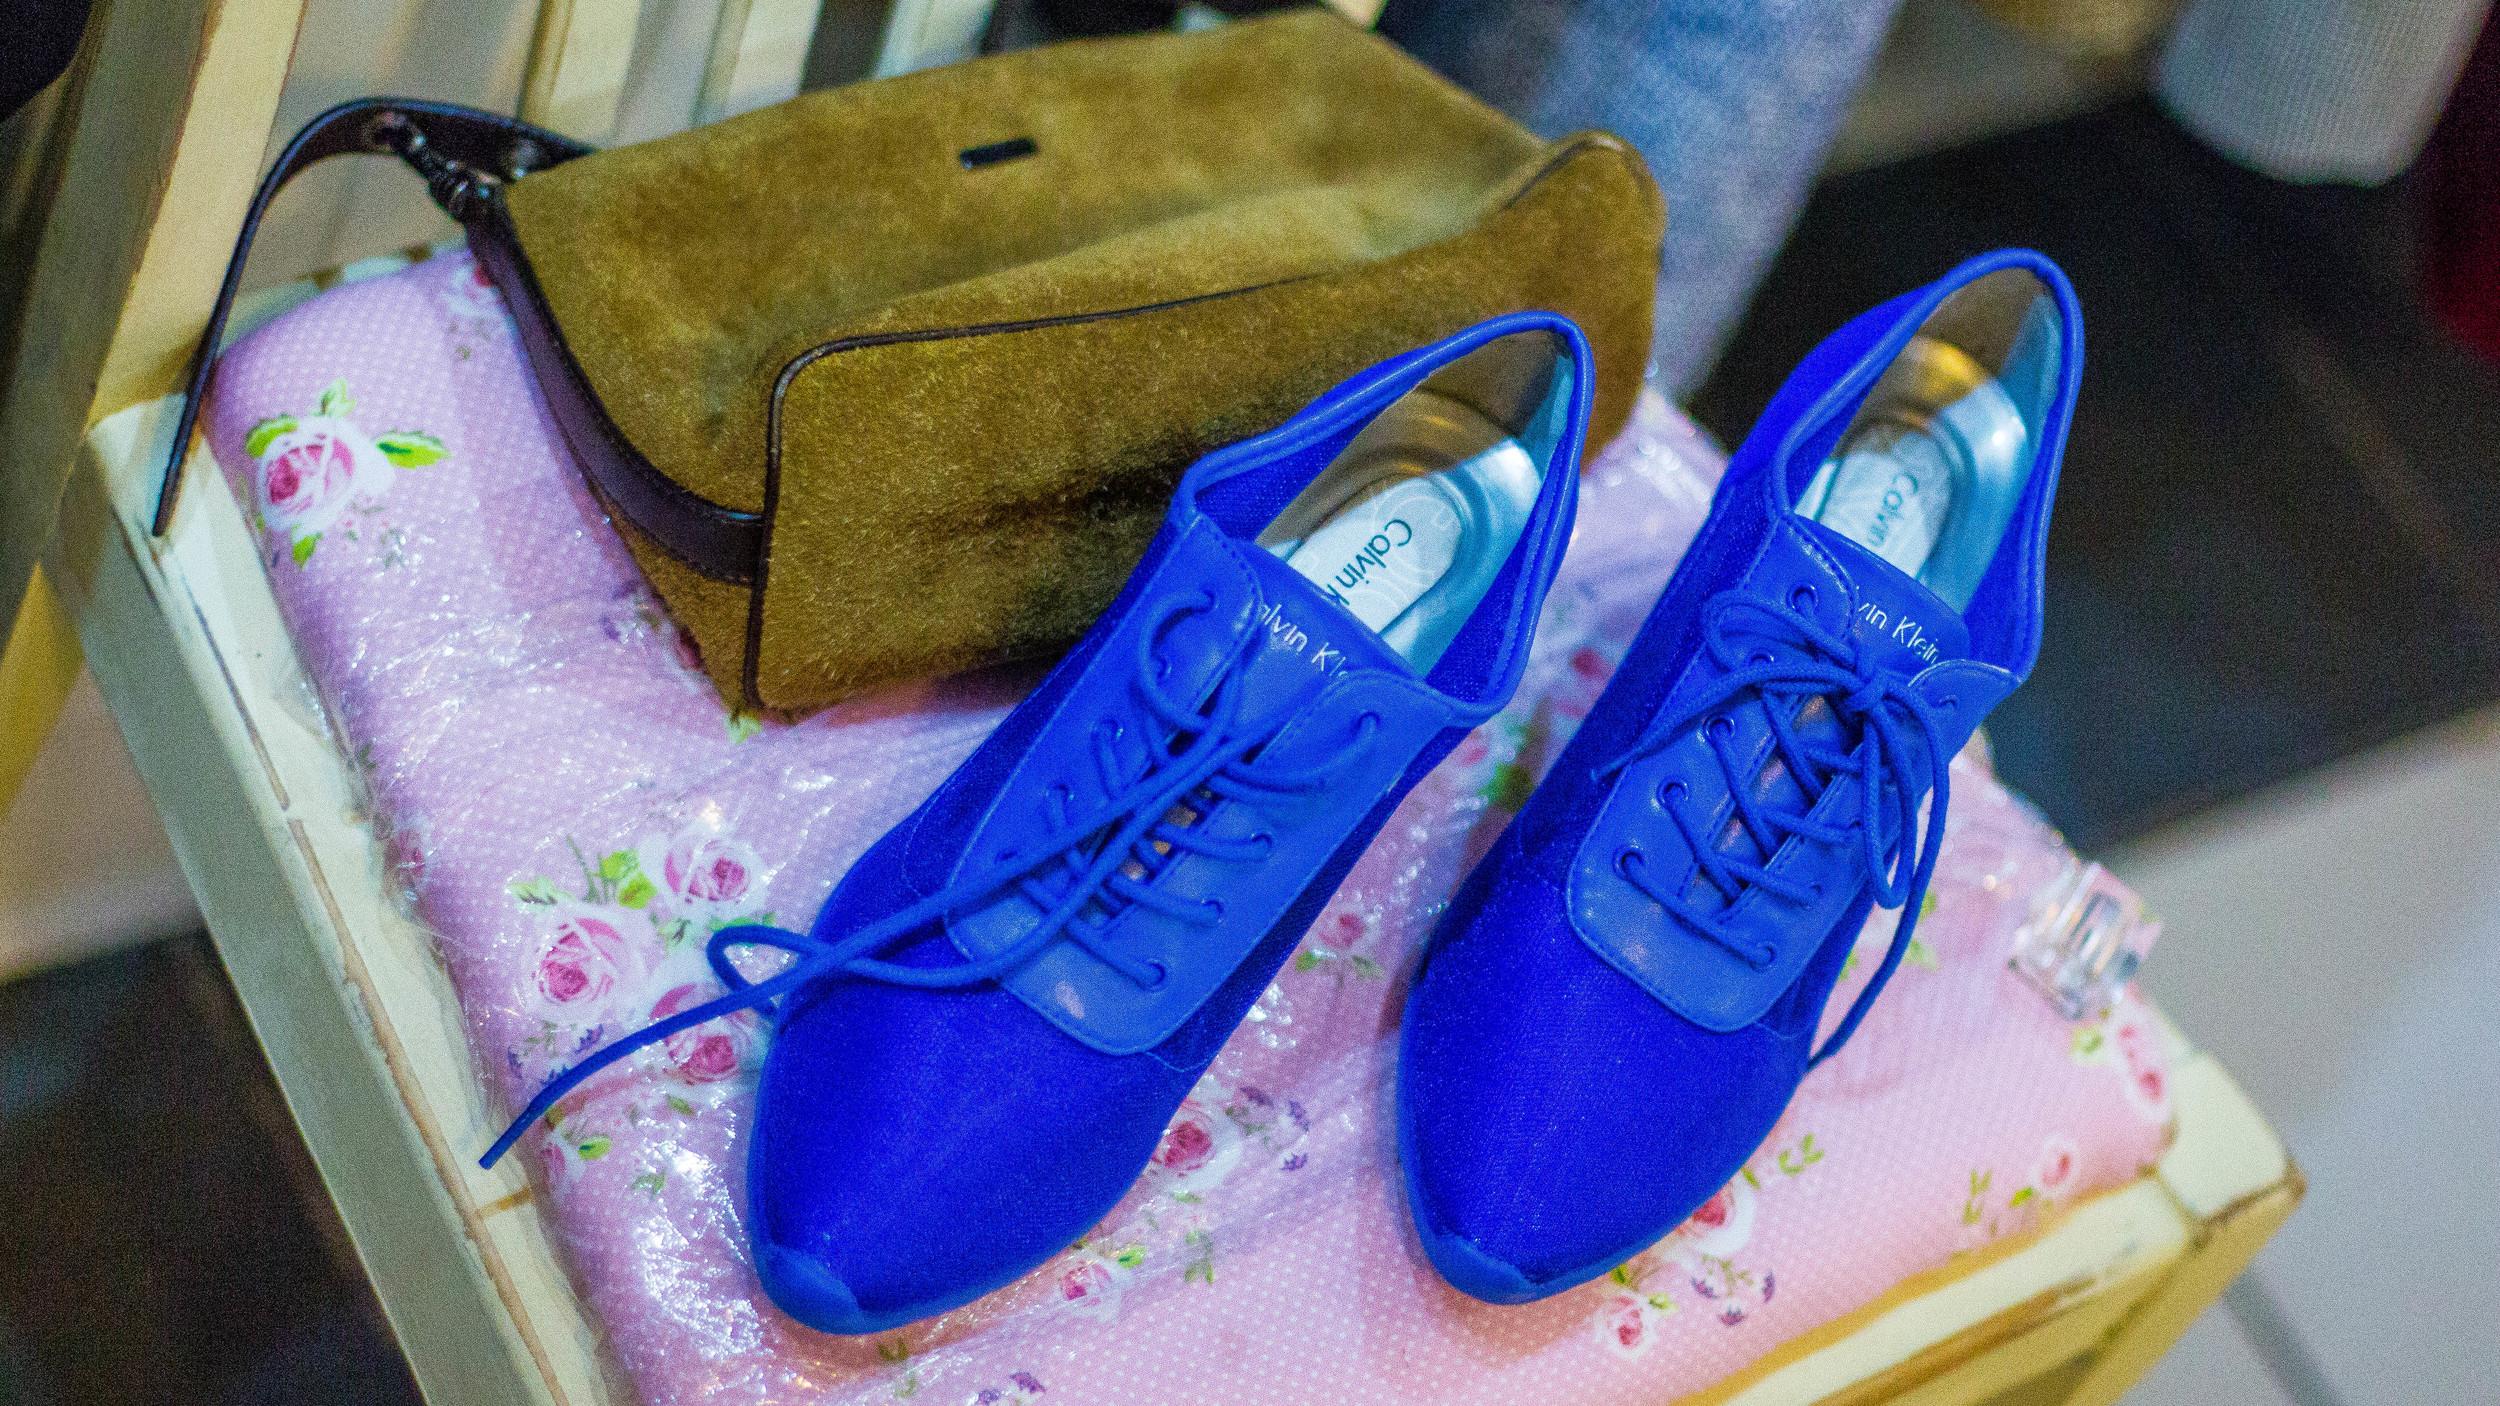 Miu Miu bag and Calvin Klein shoes